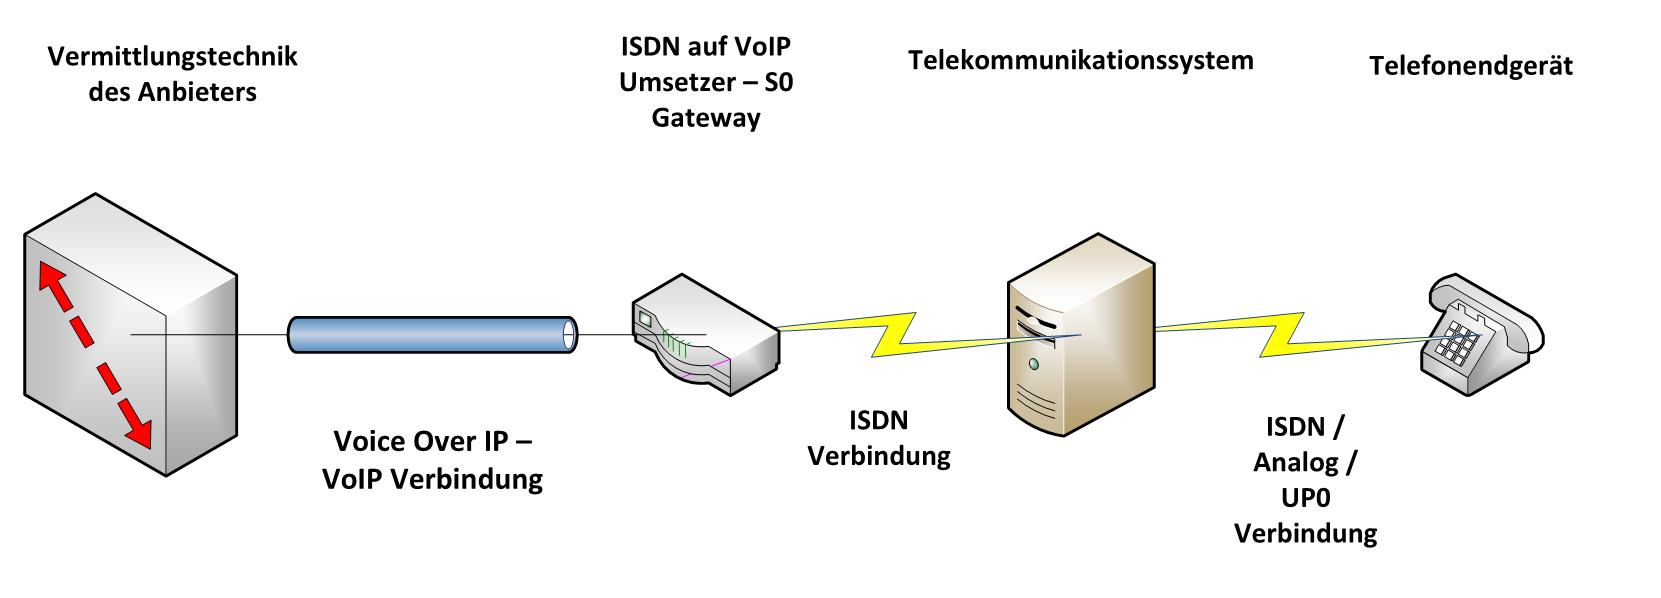 Gateway Variante